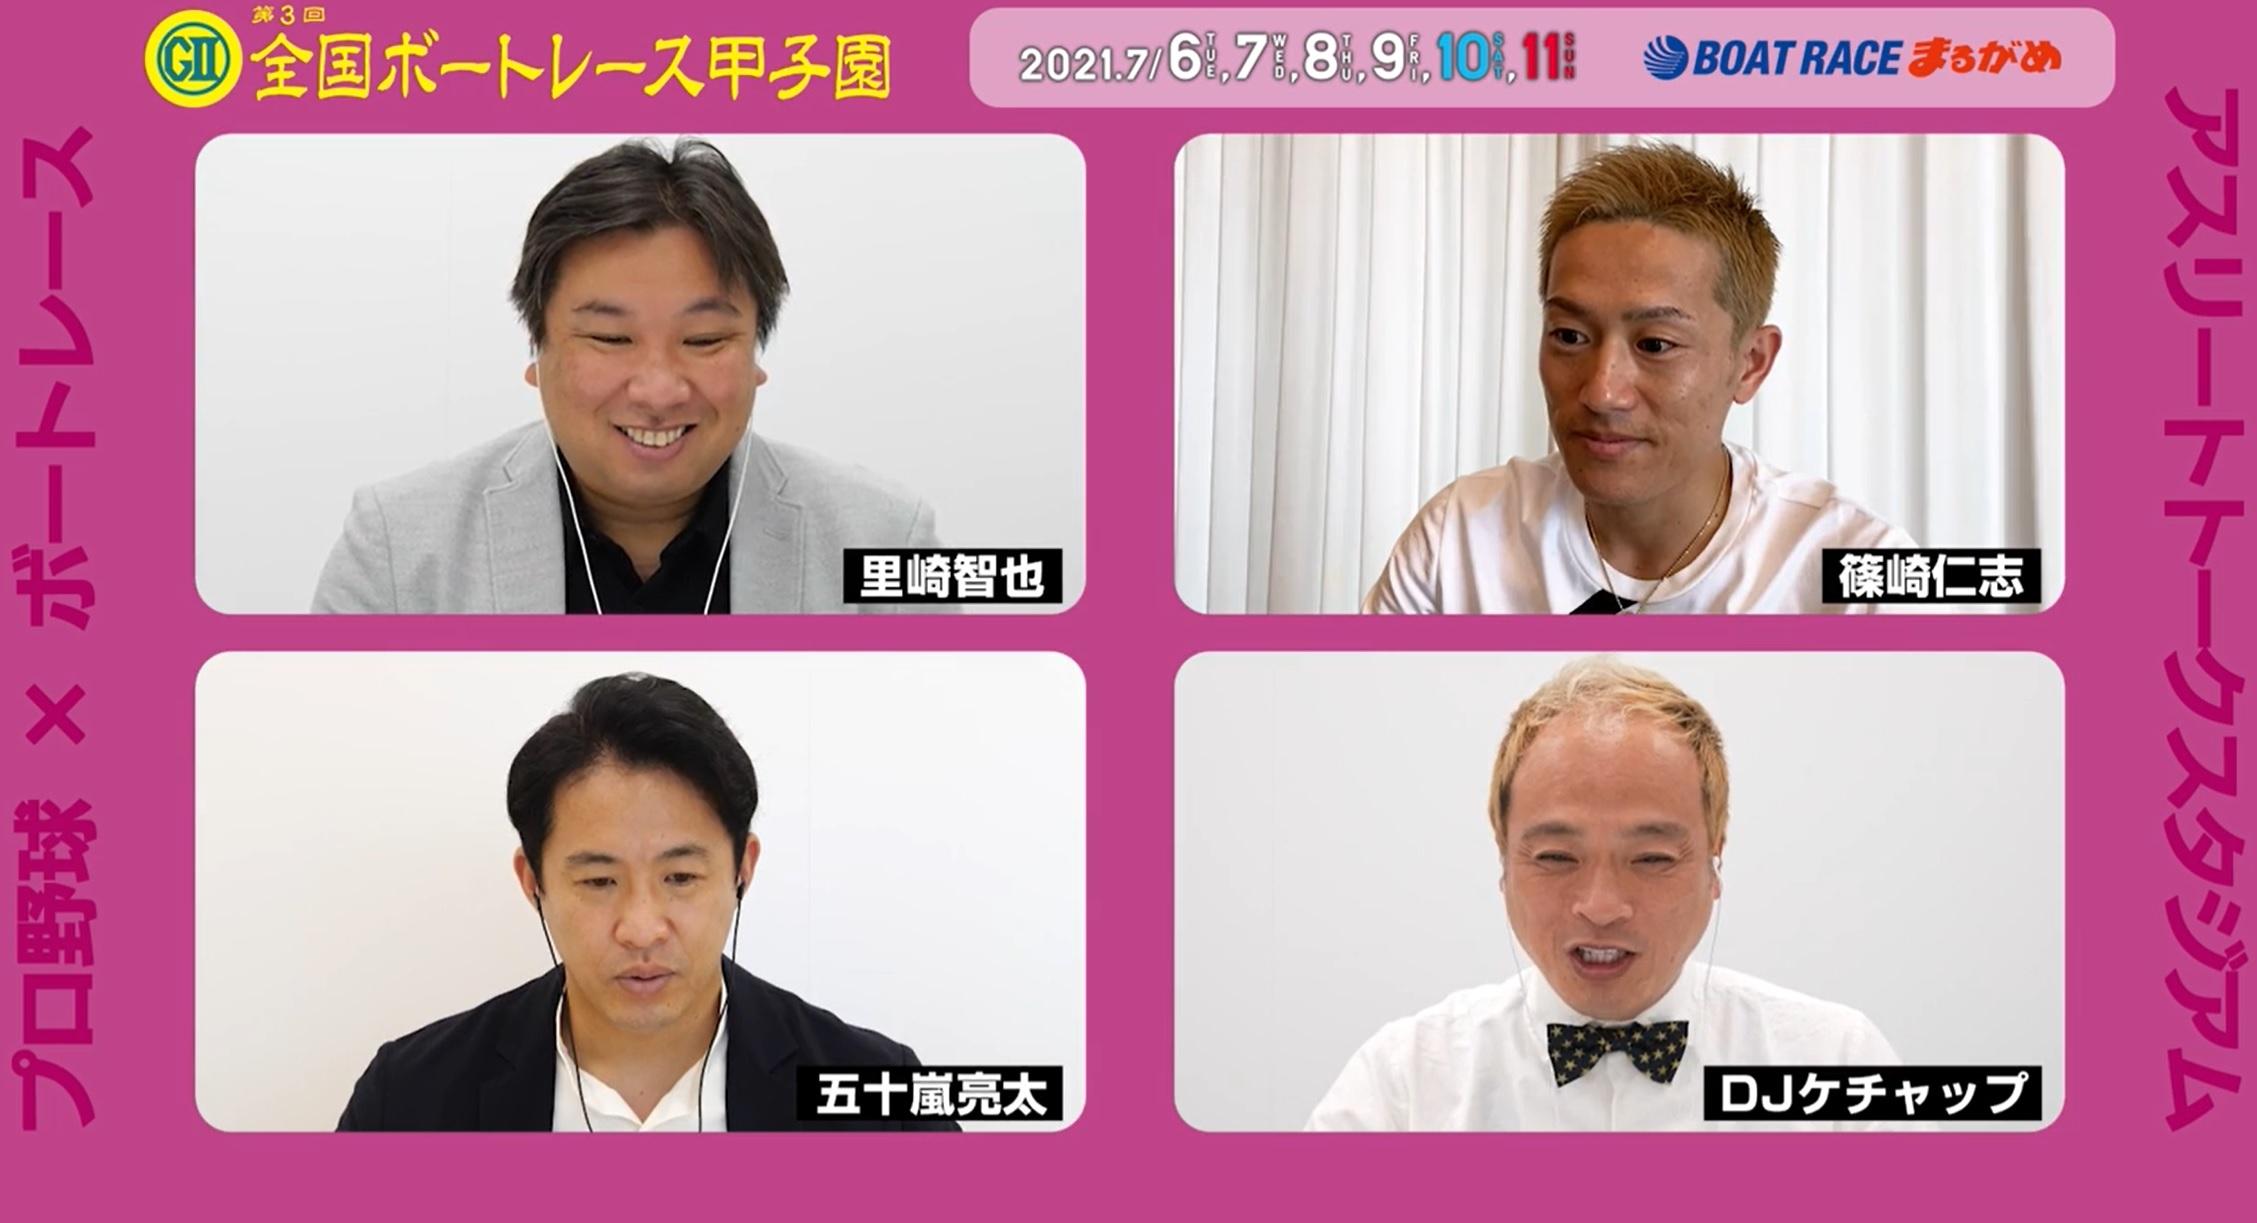 元プロ野球選手vs.ボートレーサーが語る地元愛 アスリートトークスタジアム VOL.1(PR)